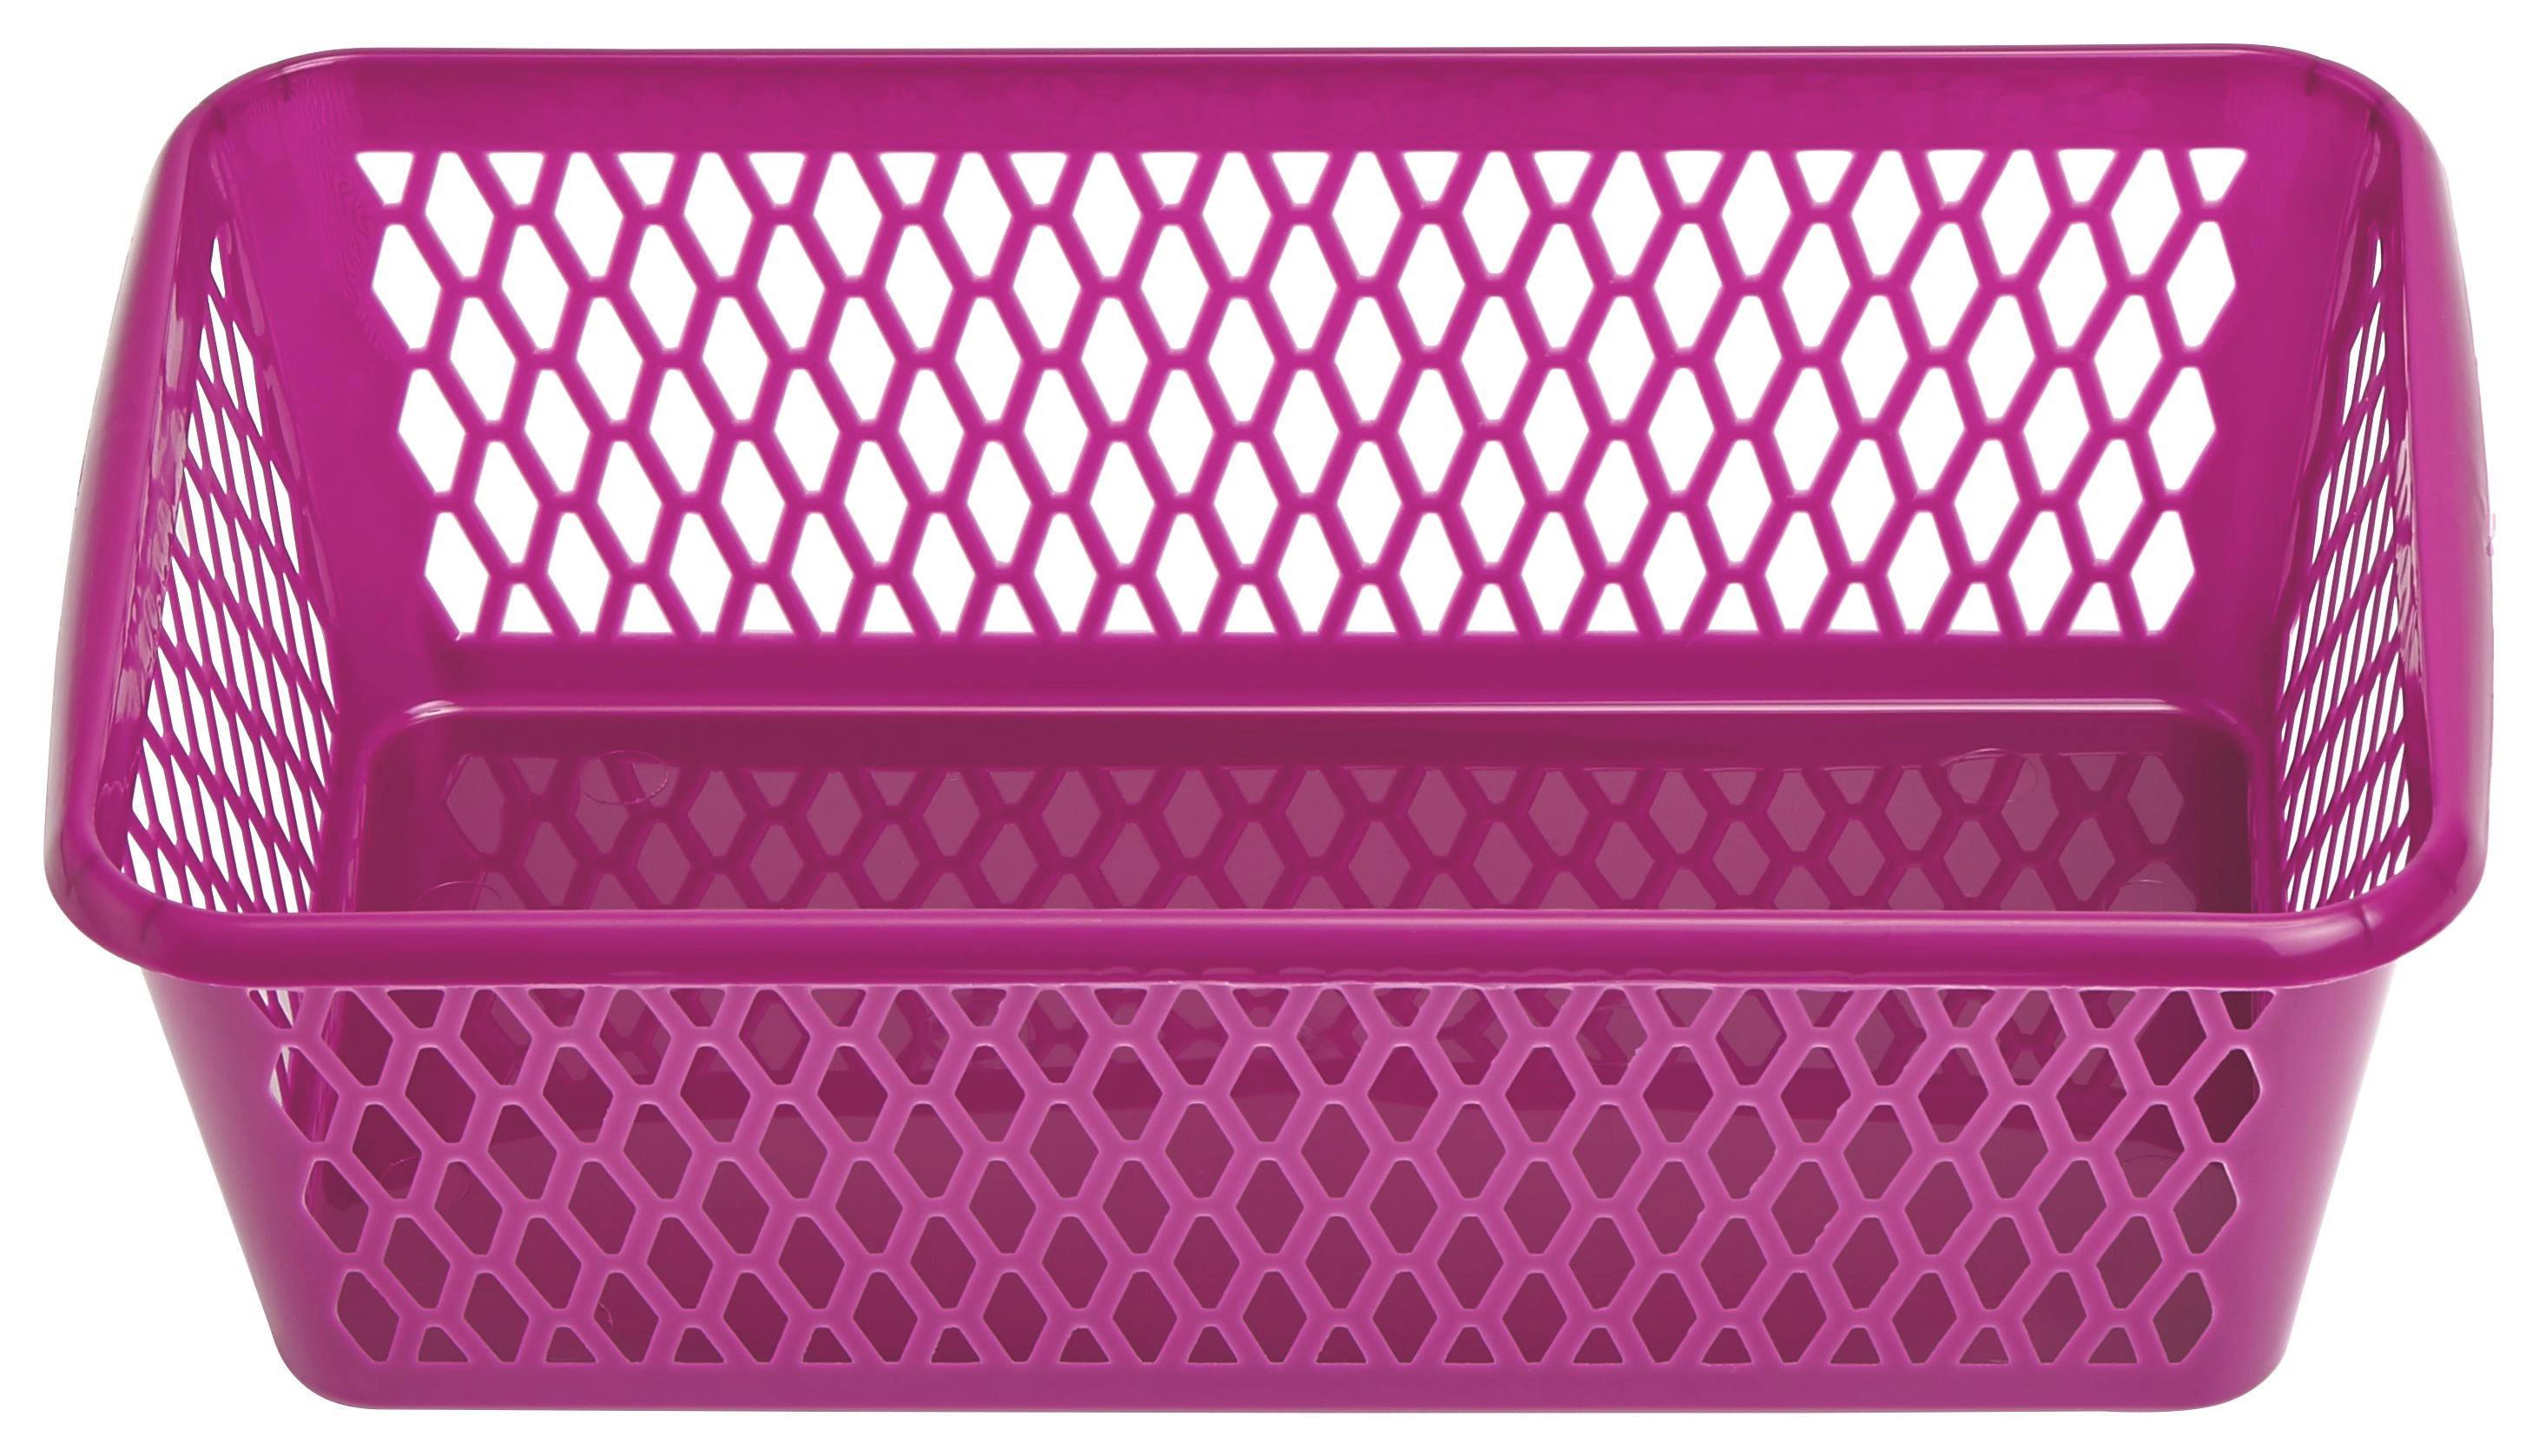 KOŠARA - ljubičasta, Konvencionalno, plastika (25/8/15,5cm) - PLAST 1